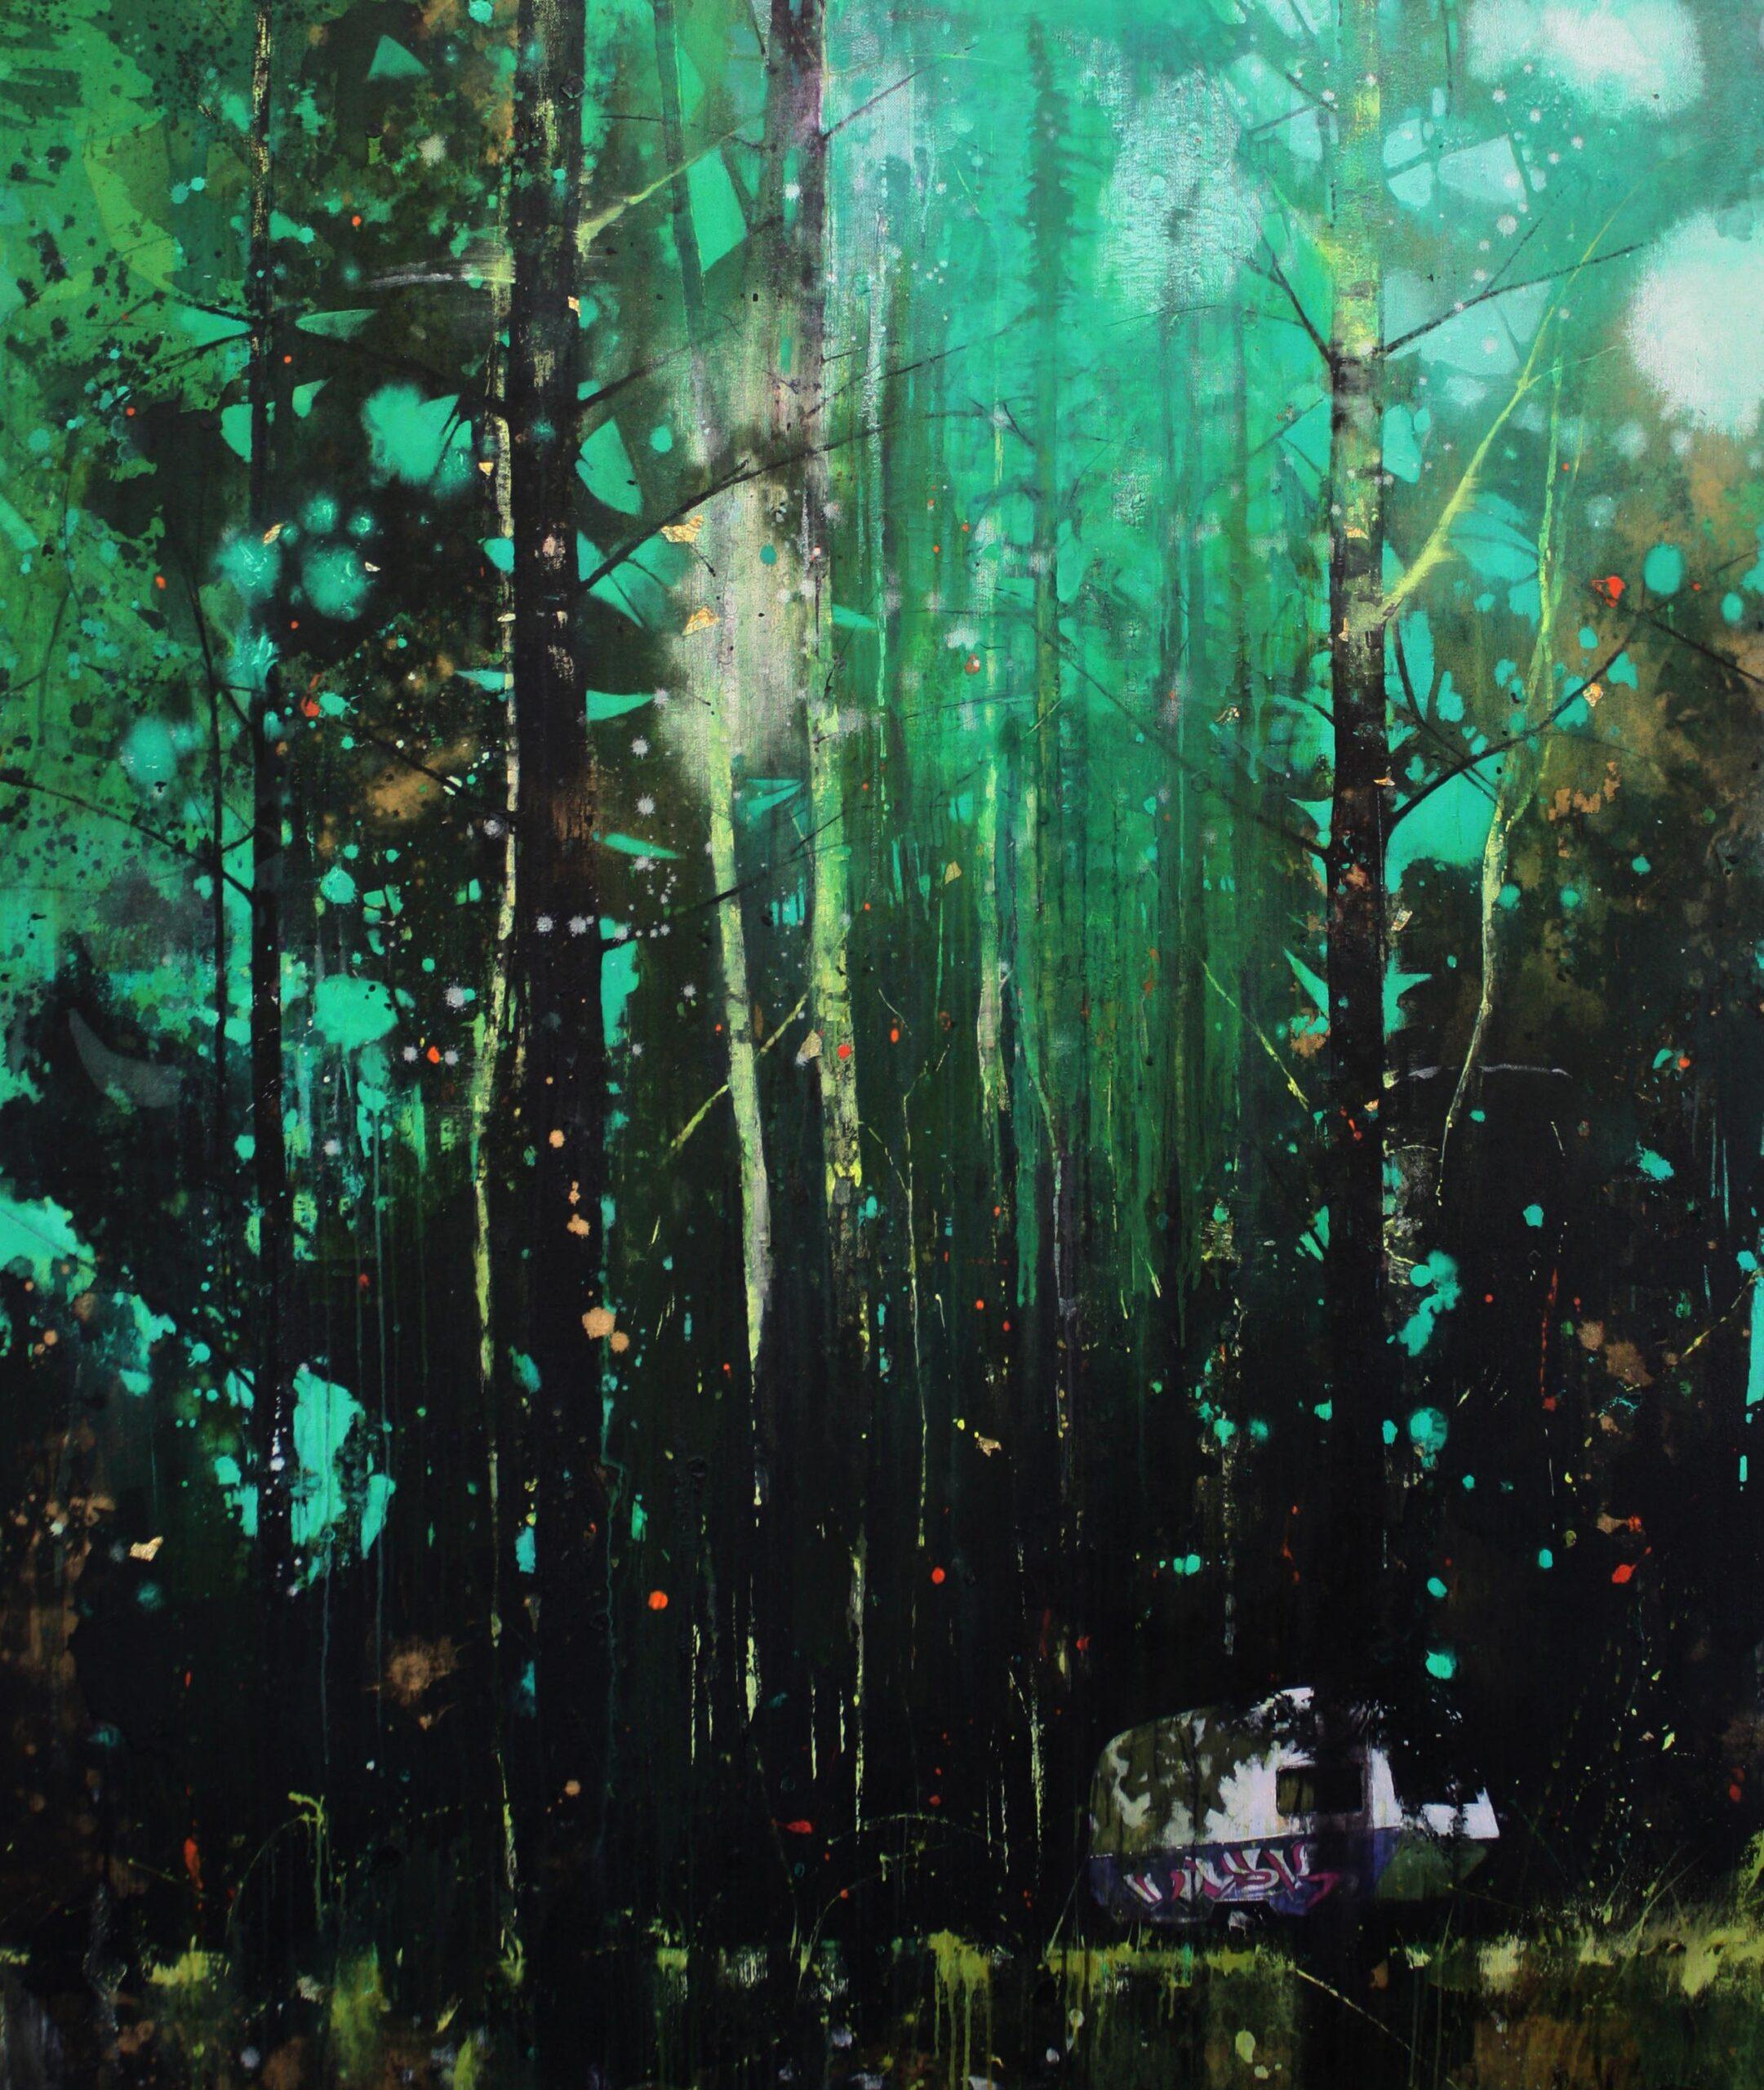 Static 183 x 152 cm acrylic & oil on canvas